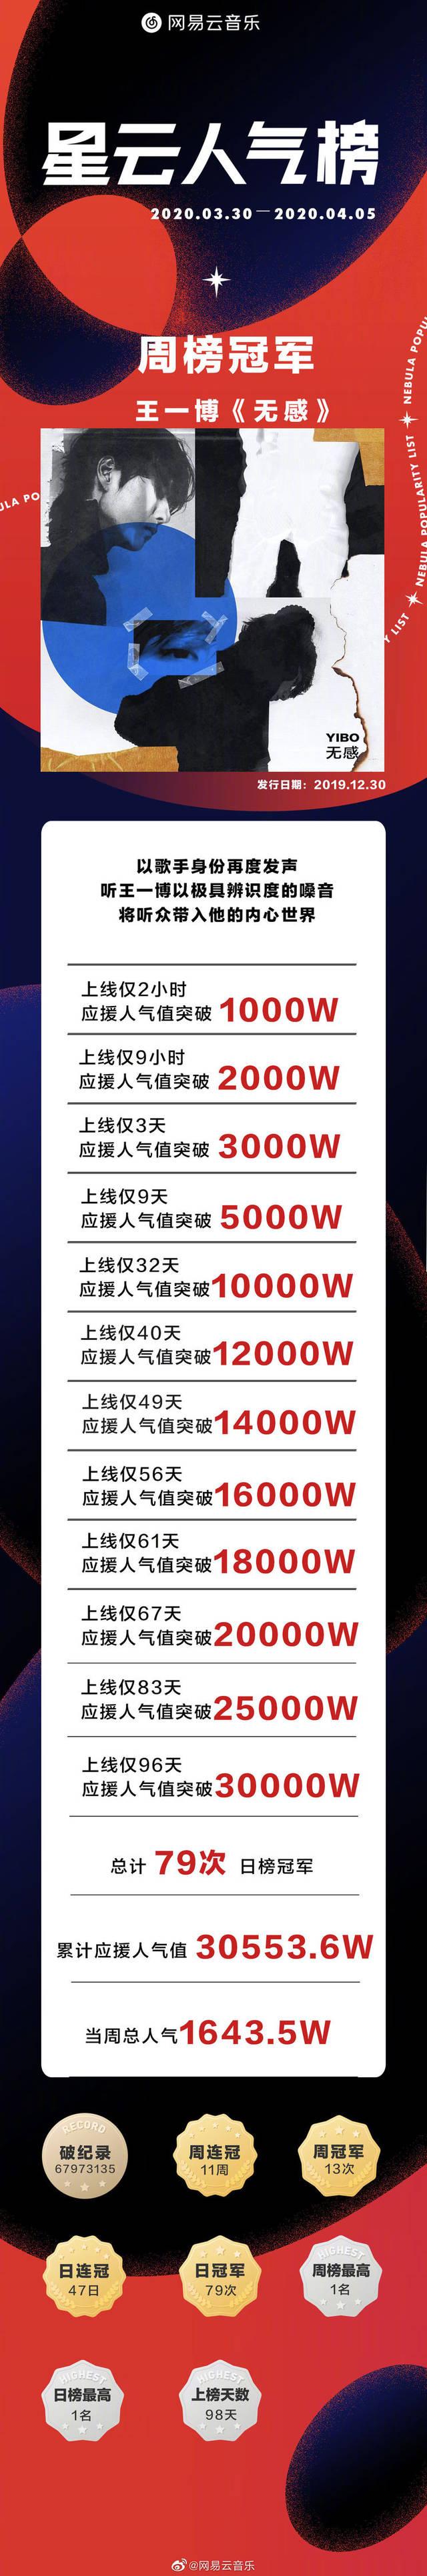 星云人气榜周榜冠军揭晓 王一博全新个人单曲《无感》获得本周周榜top1